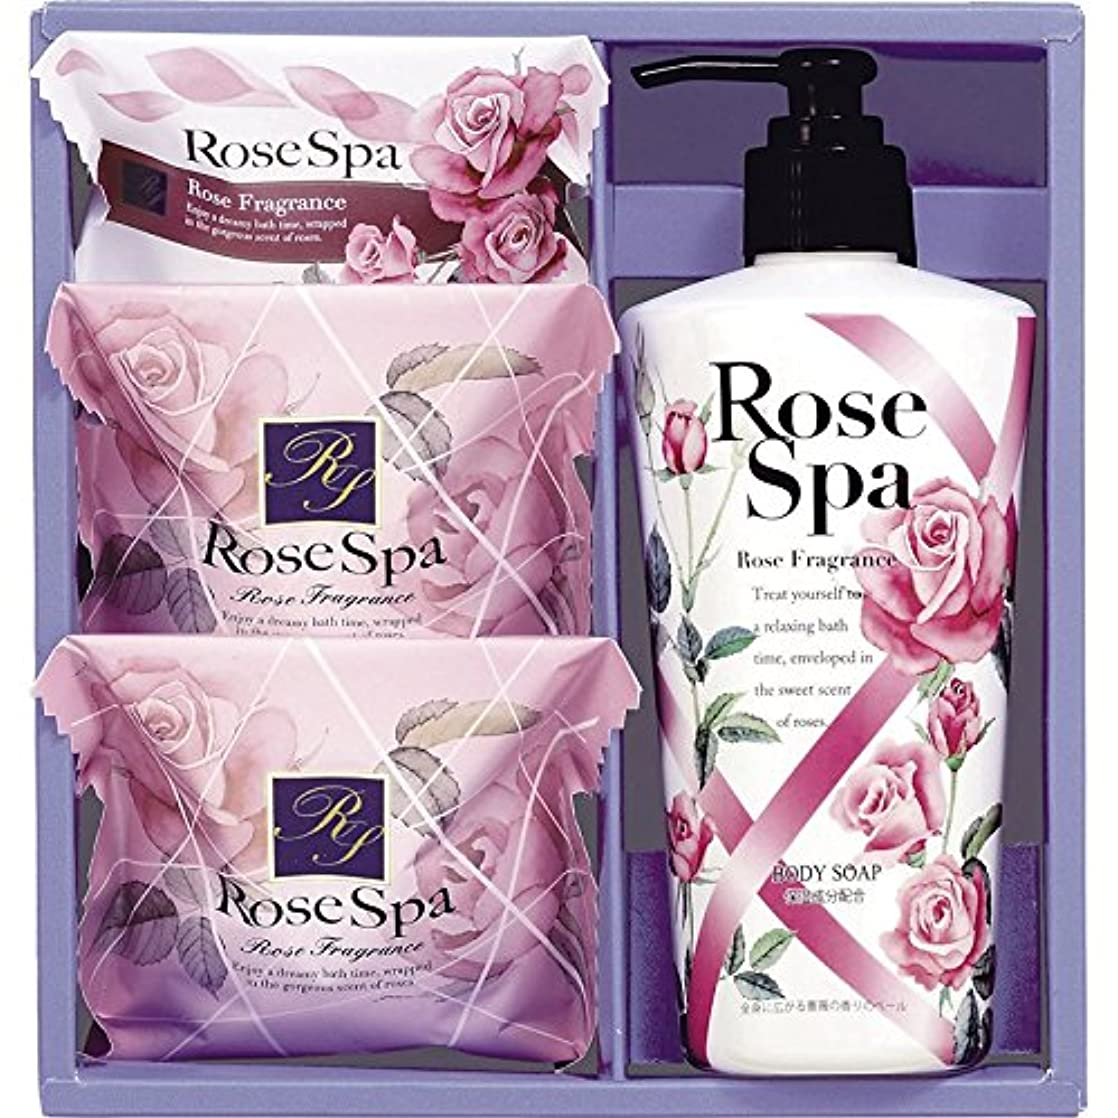 見えるフォアマンパスタローズスパ CRS-10 【石けん いい香り うるおい 個包装 洗う 美容 あらう ギフト プレゼント 詰め合わせ 良い香り 全身洗える ボディソープ お風呂 バスタイム せっけん セット 美肌】